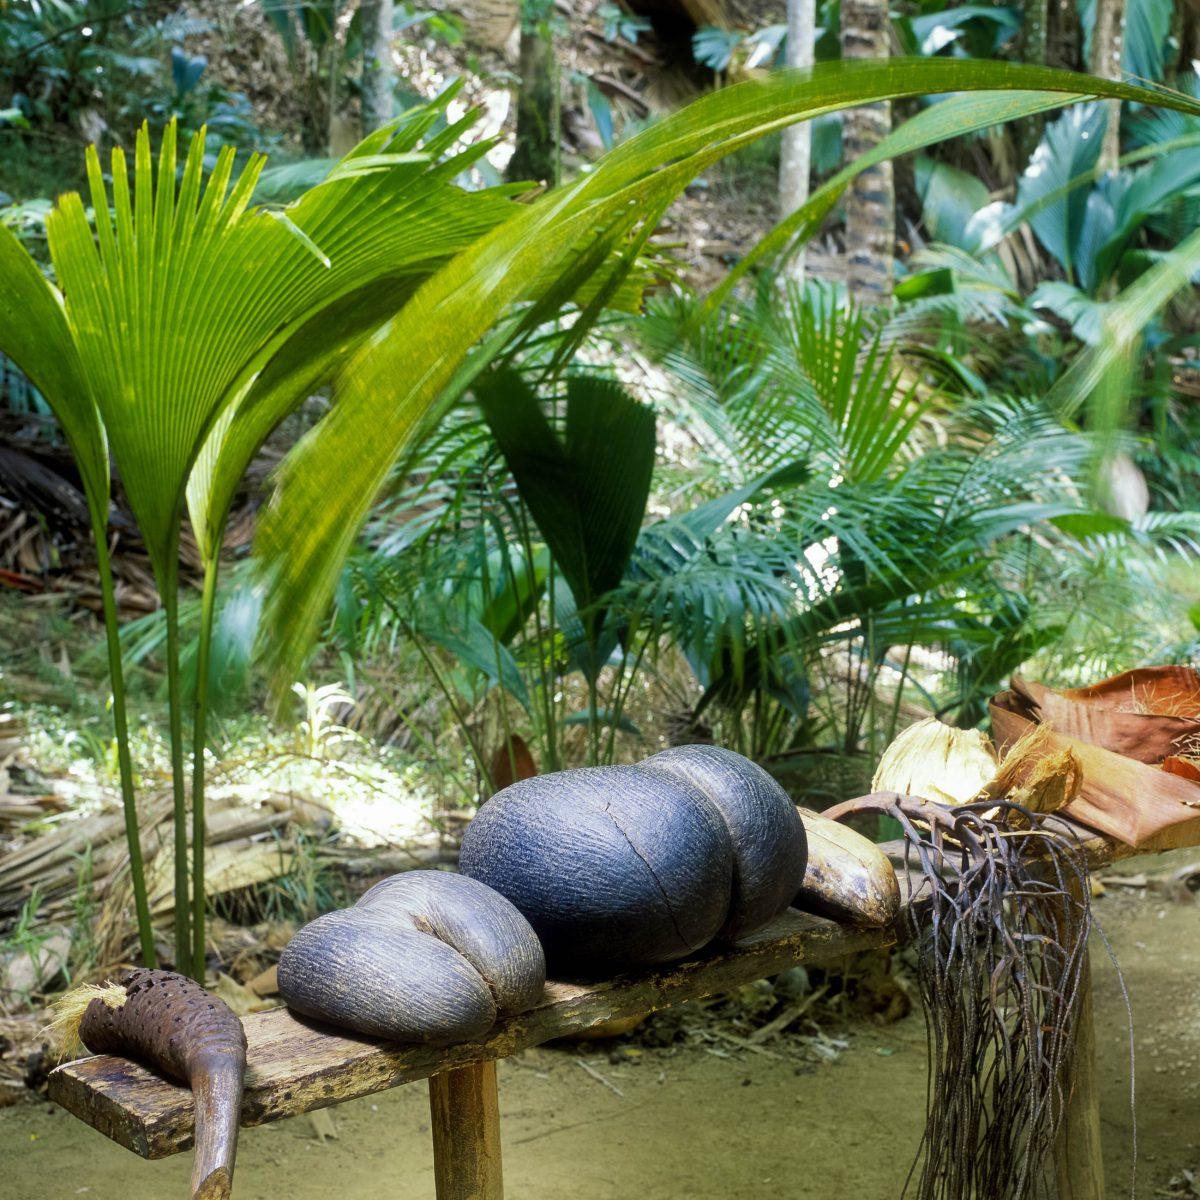 Die Samen der Seychellen-Palme (Coco de Mer) werden bis zu 20kg schwer, Vallée de Mai auf Praslin, Seychellen - © Richard Semik / Shutterstock